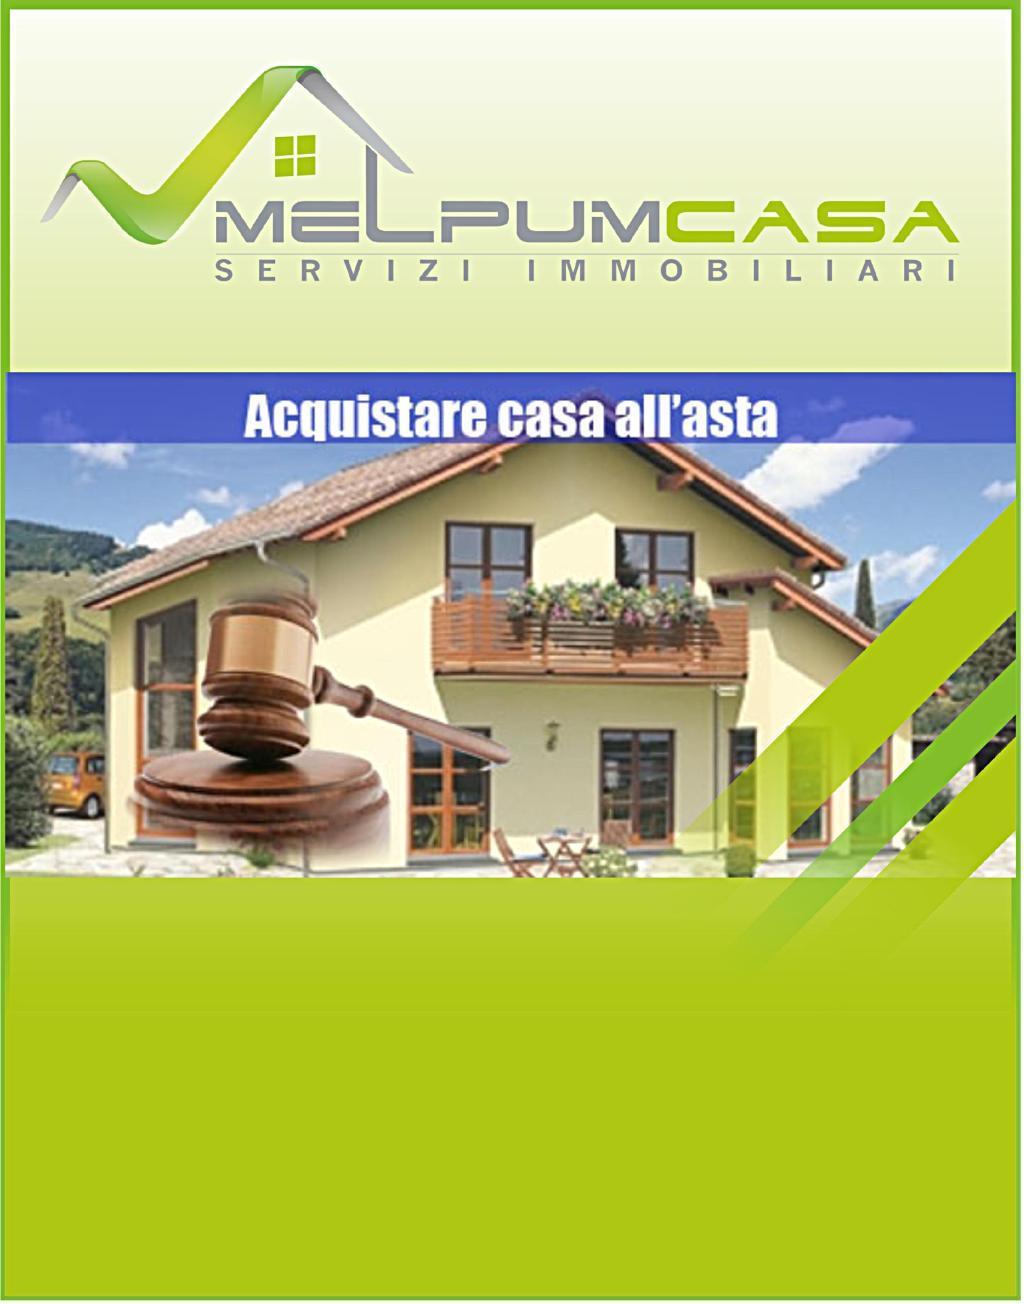 Appartamento in vendita a Cassano d'Adda, 3 locali, prezzo € 67.500 | PortaleAgenzieImmobiliari.it